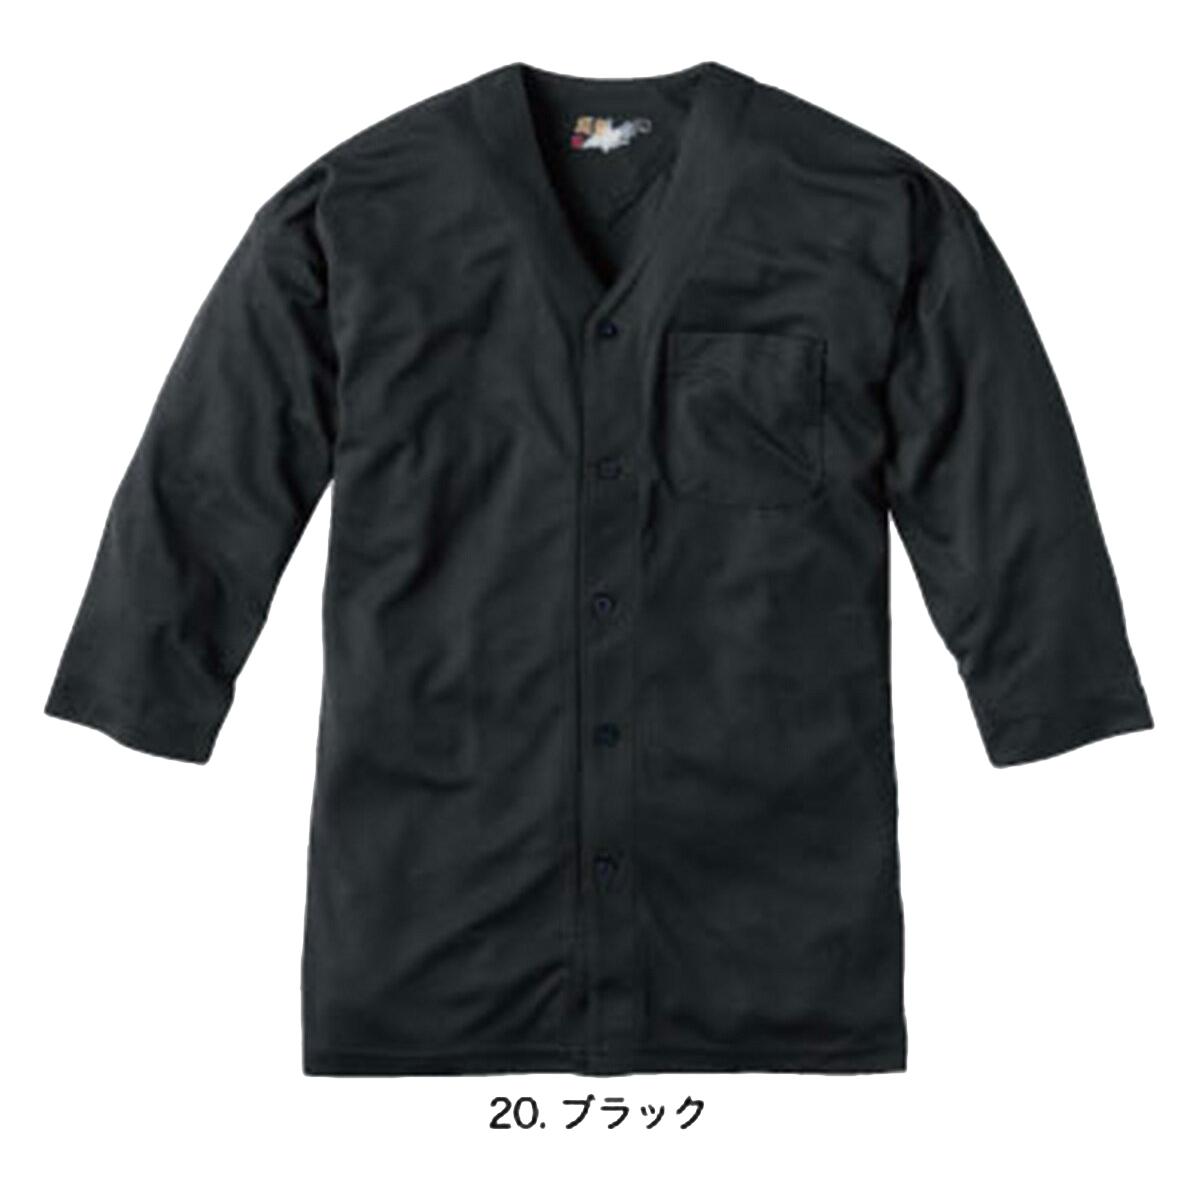 鯉口シャツで極める MURAKAMI 261 鳳皇 HOOH 鯉口シャツ M~4L ダボシャツ